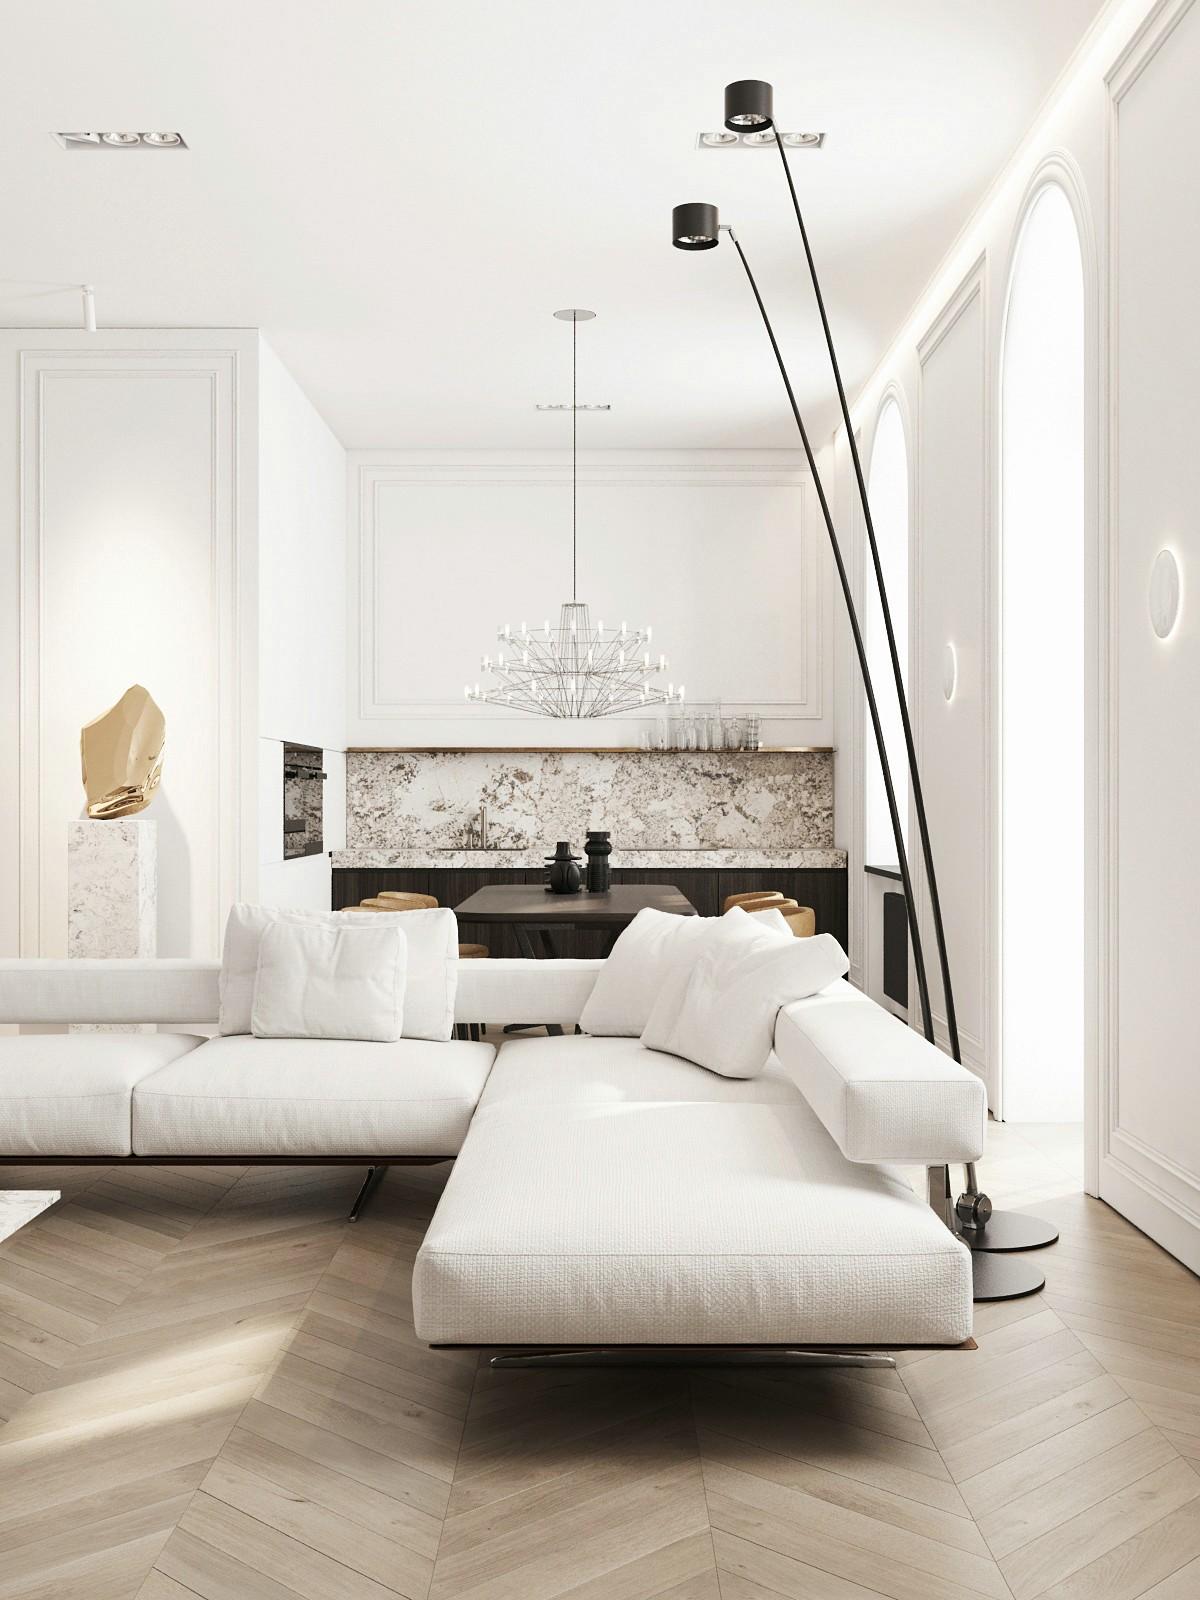 浪漫的极简主义:纯白色精致家居